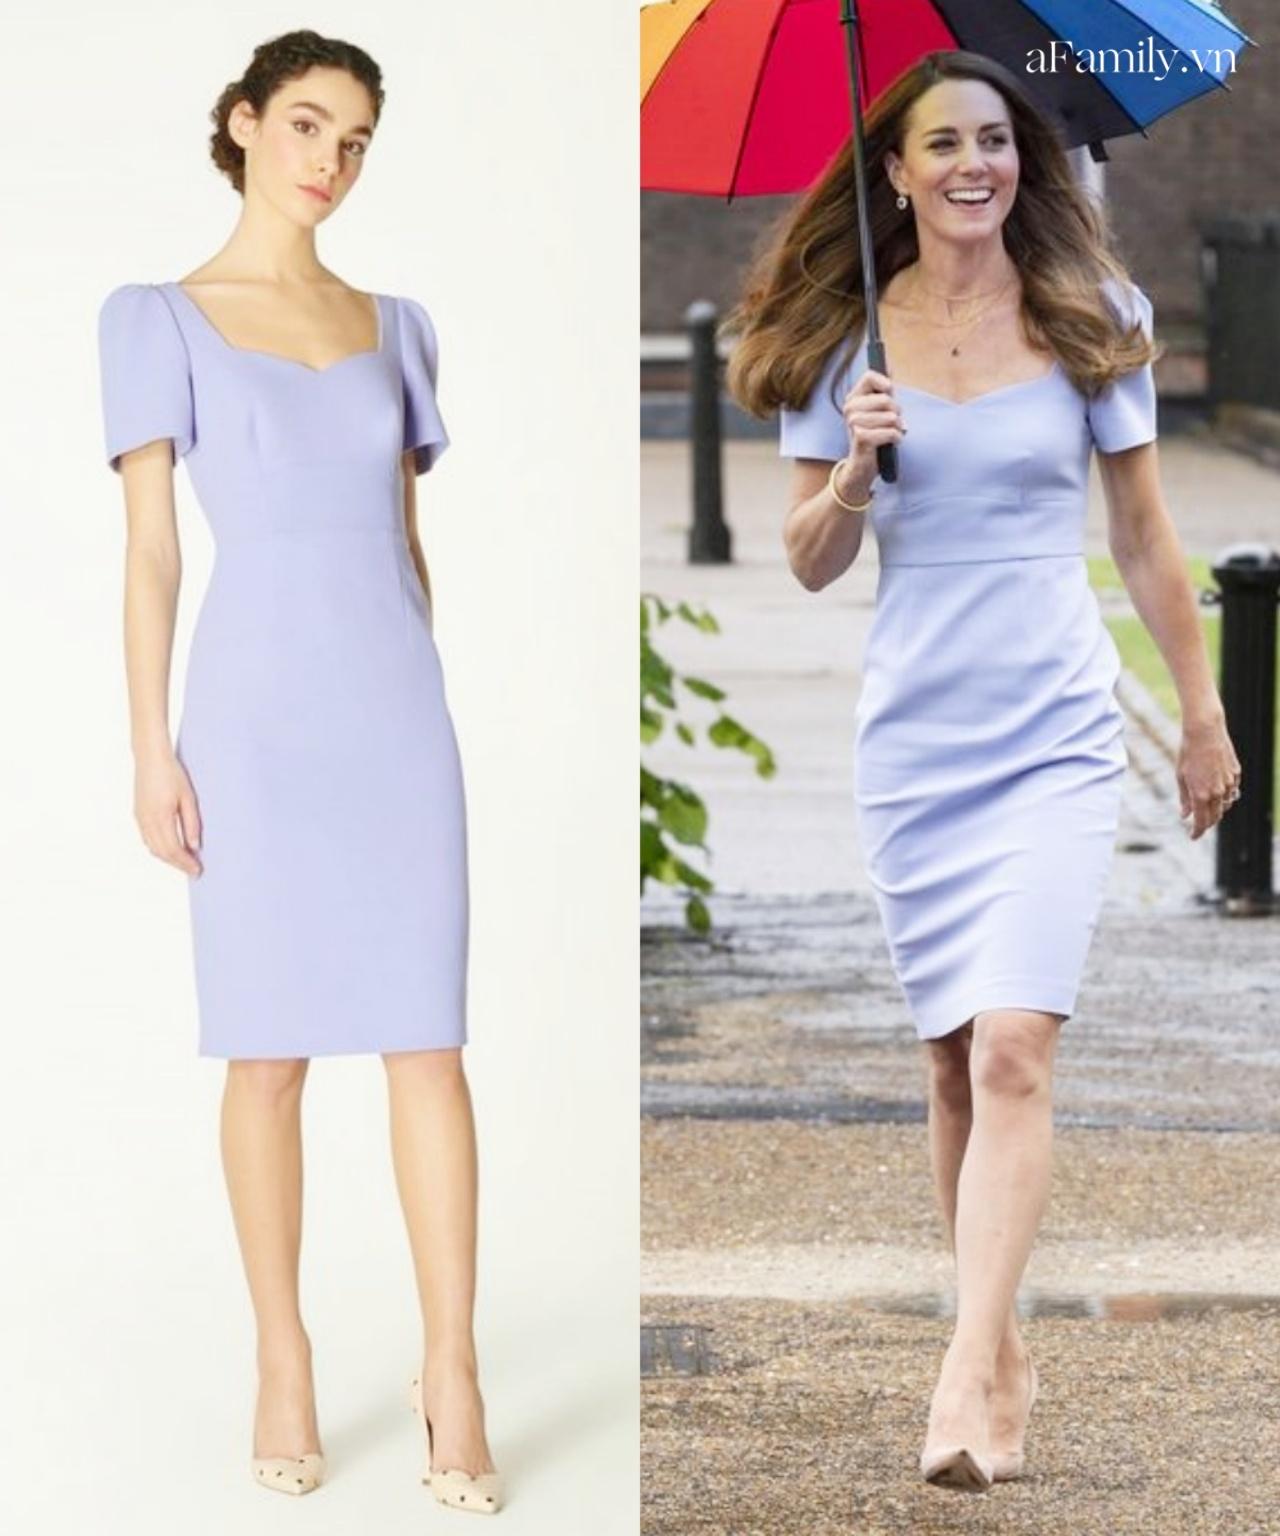 Đẳng cấp thời trang của Công nương Kate: Thanh lịch lấn át mẫu hãng, chứng minh khí chất hoàng gia hiếm ai bì kịp - Ảnh 5.